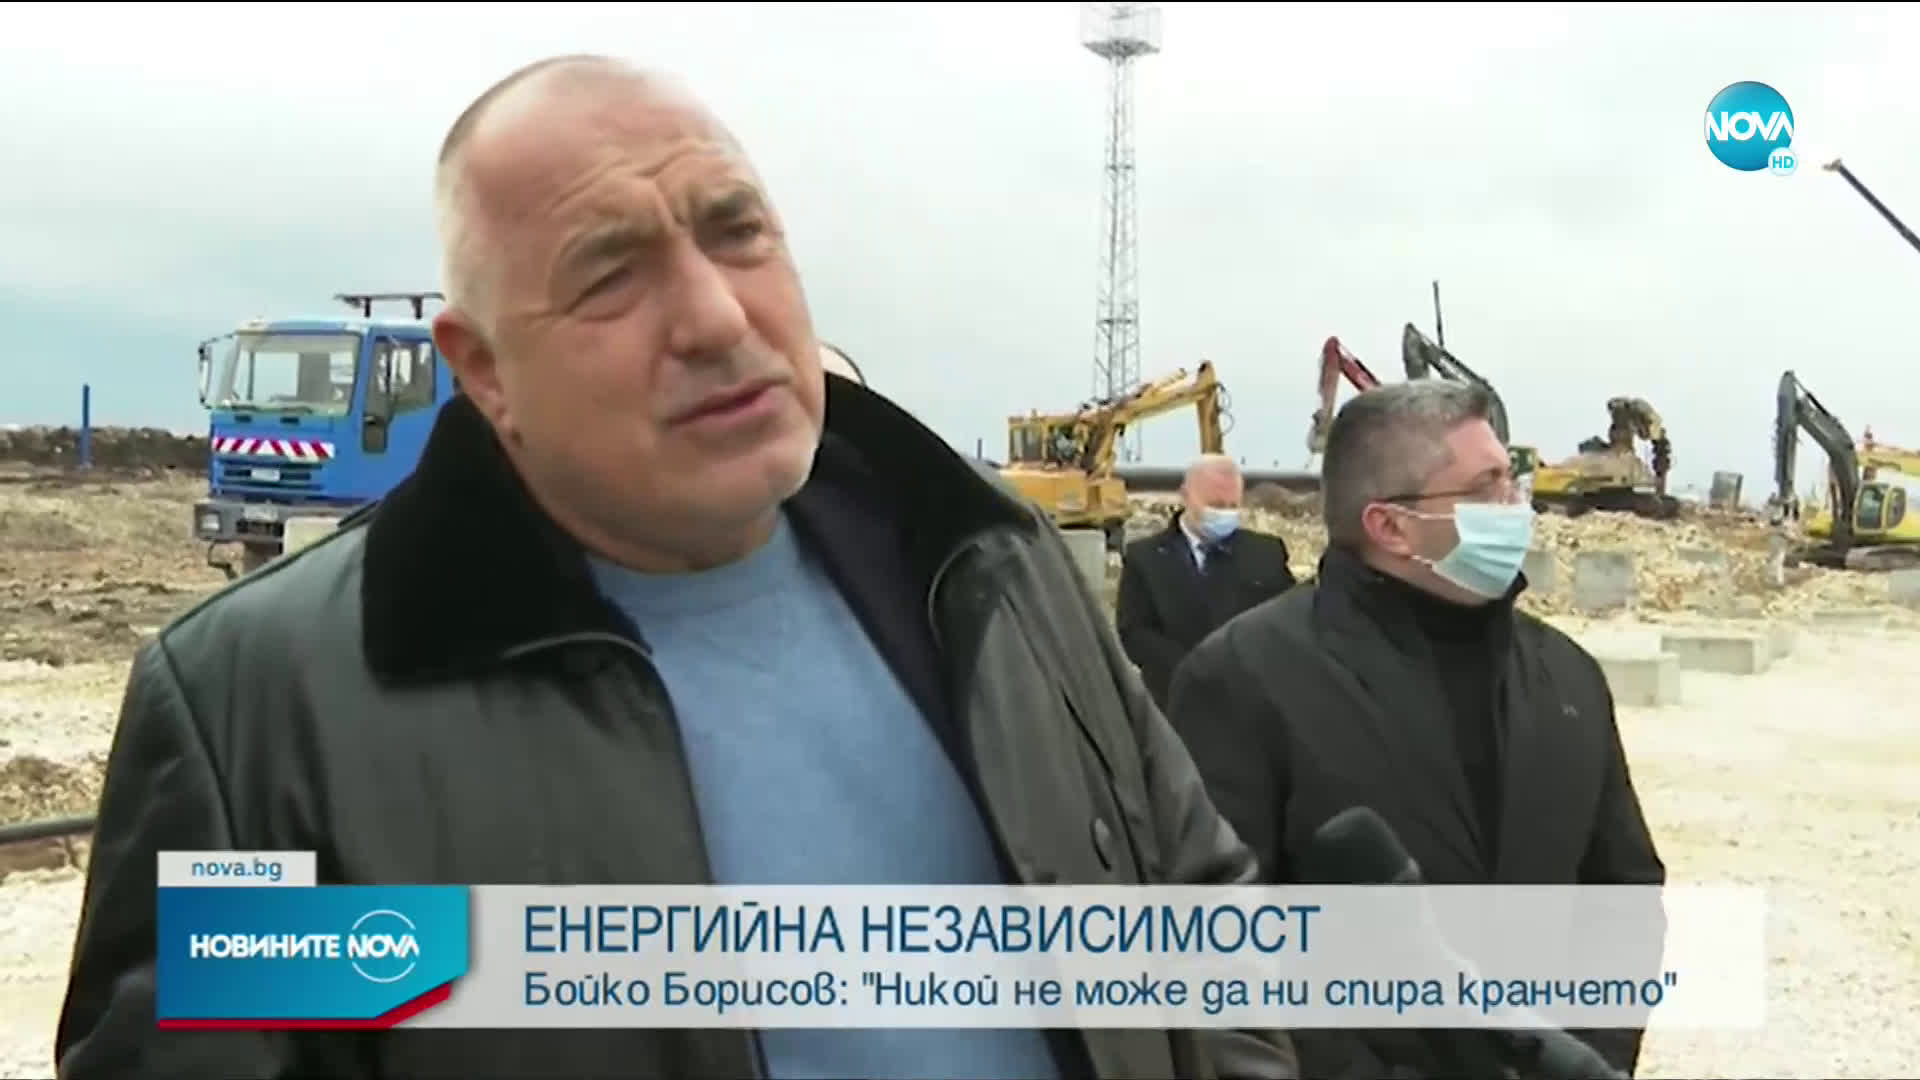 Борисов: Вече сме 100% енергийно независими